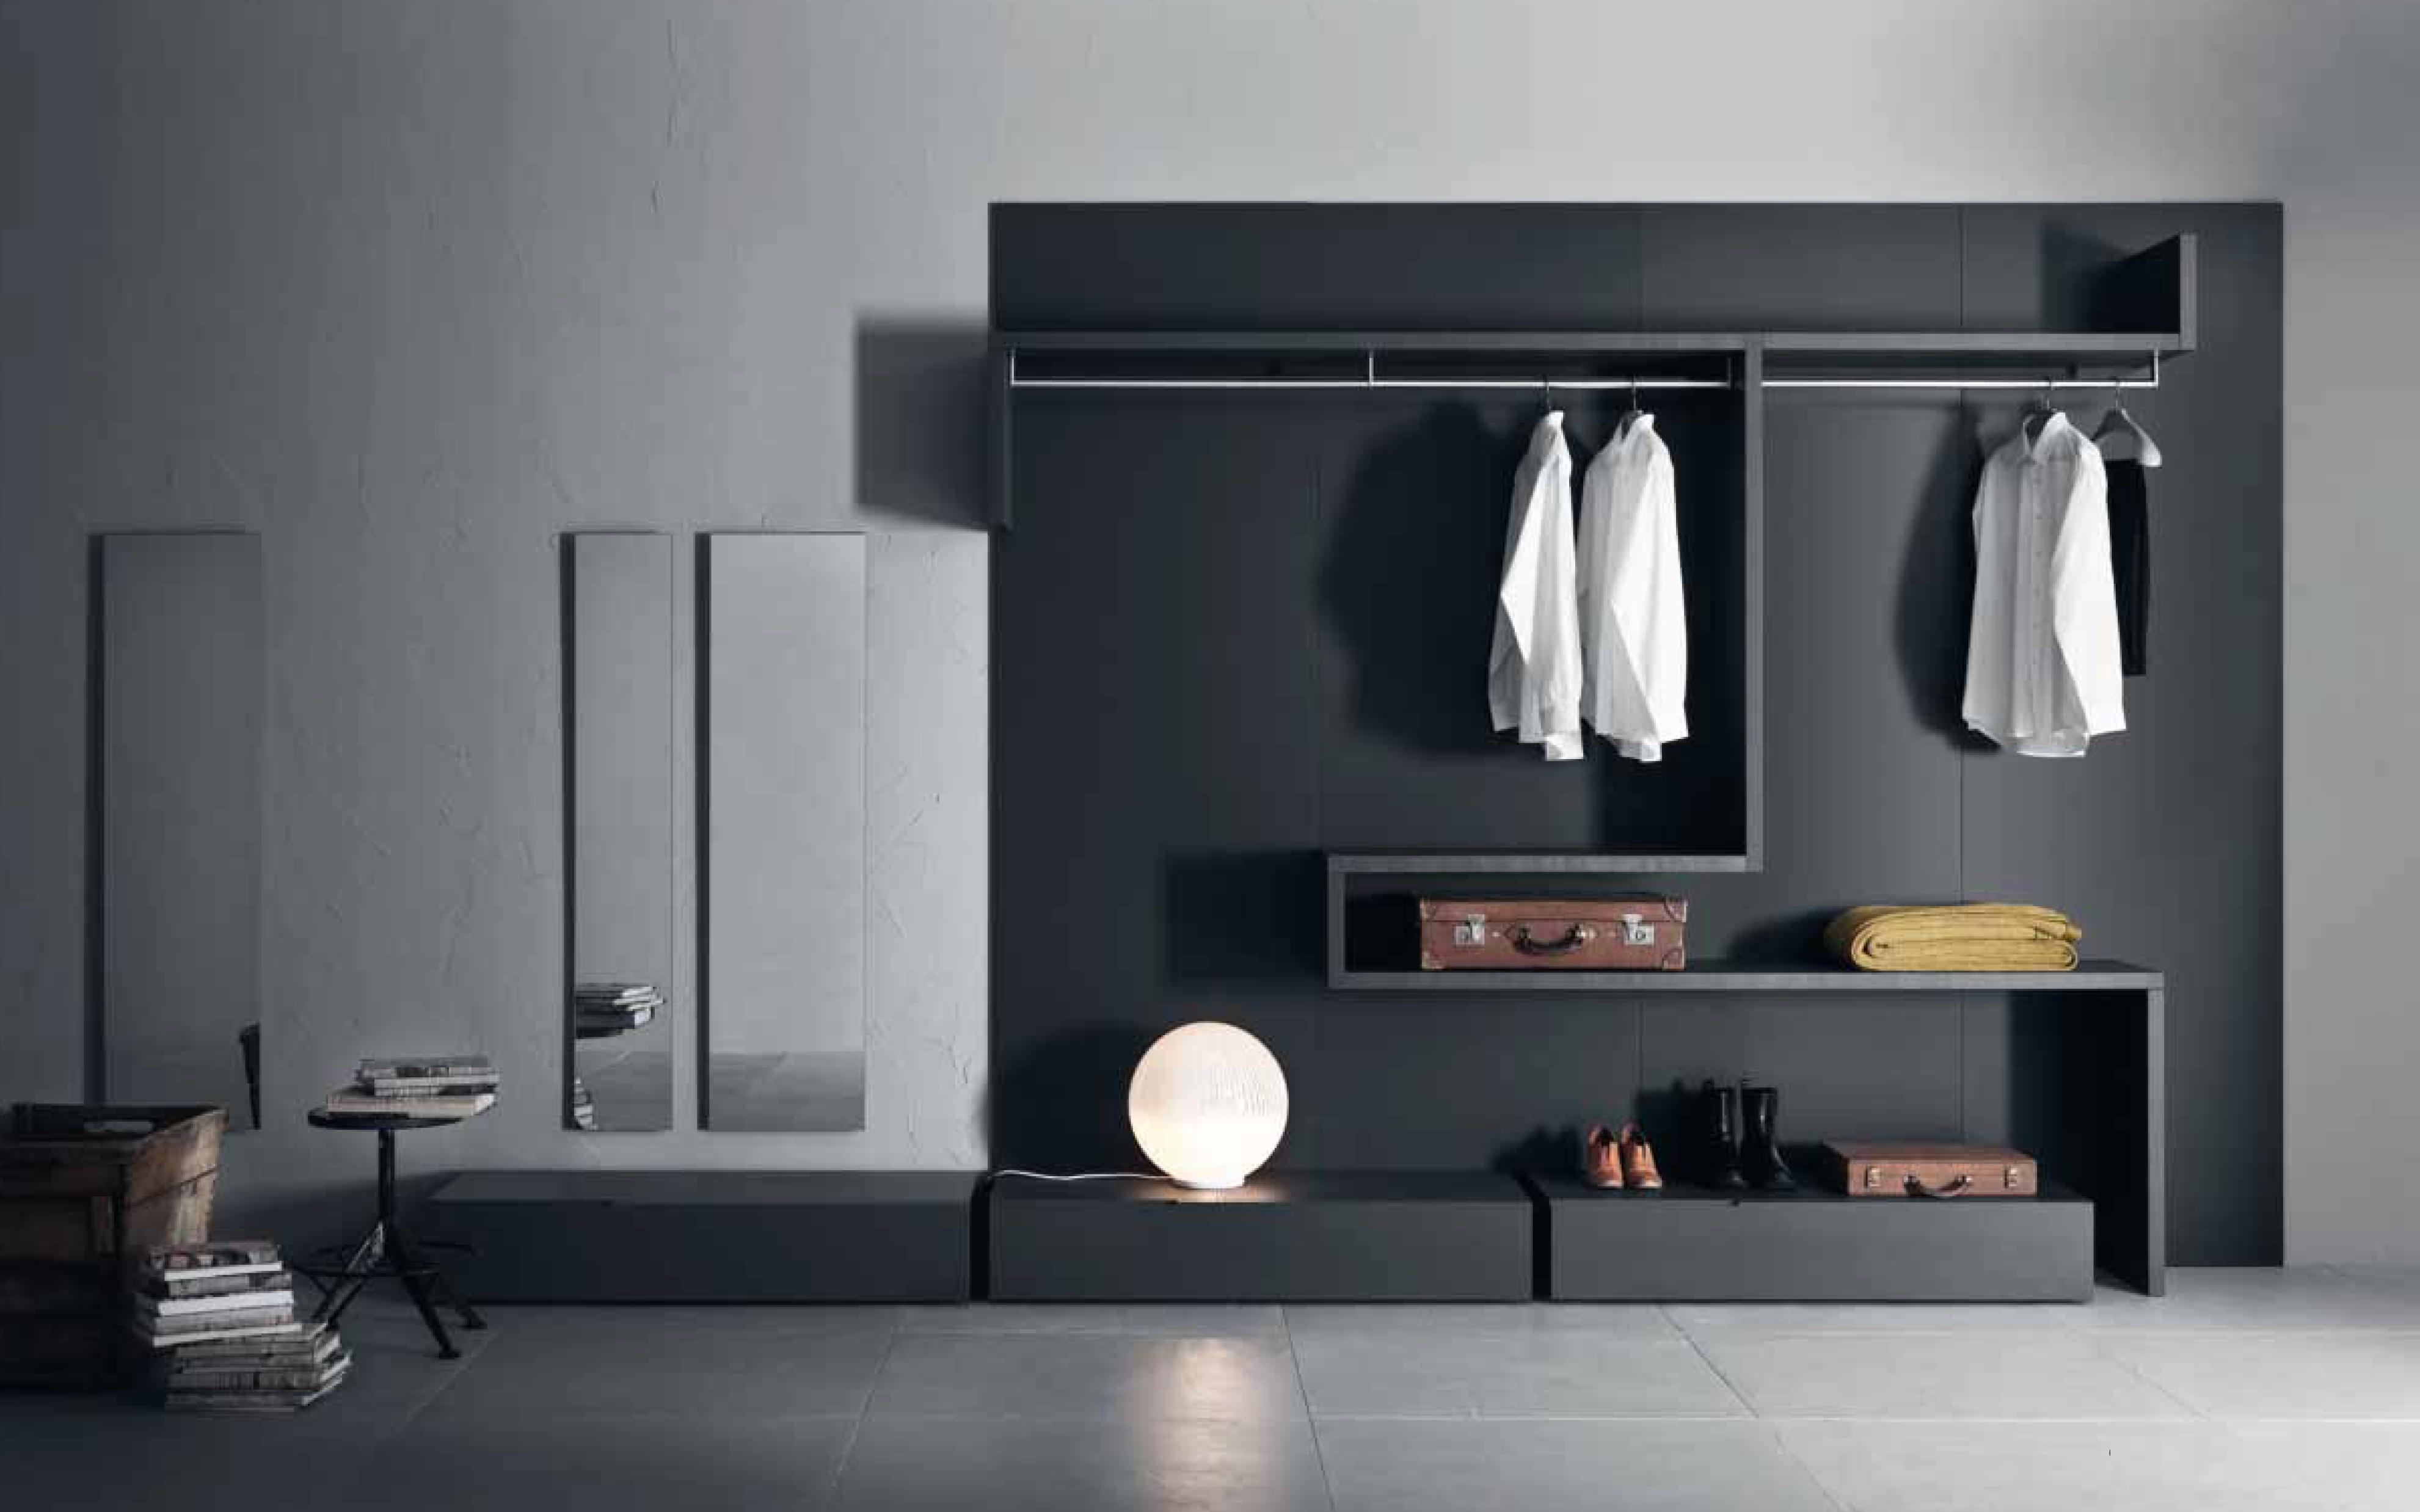 Mobili San Giorgio - Design Per La Casa Moderna - Ltay.net